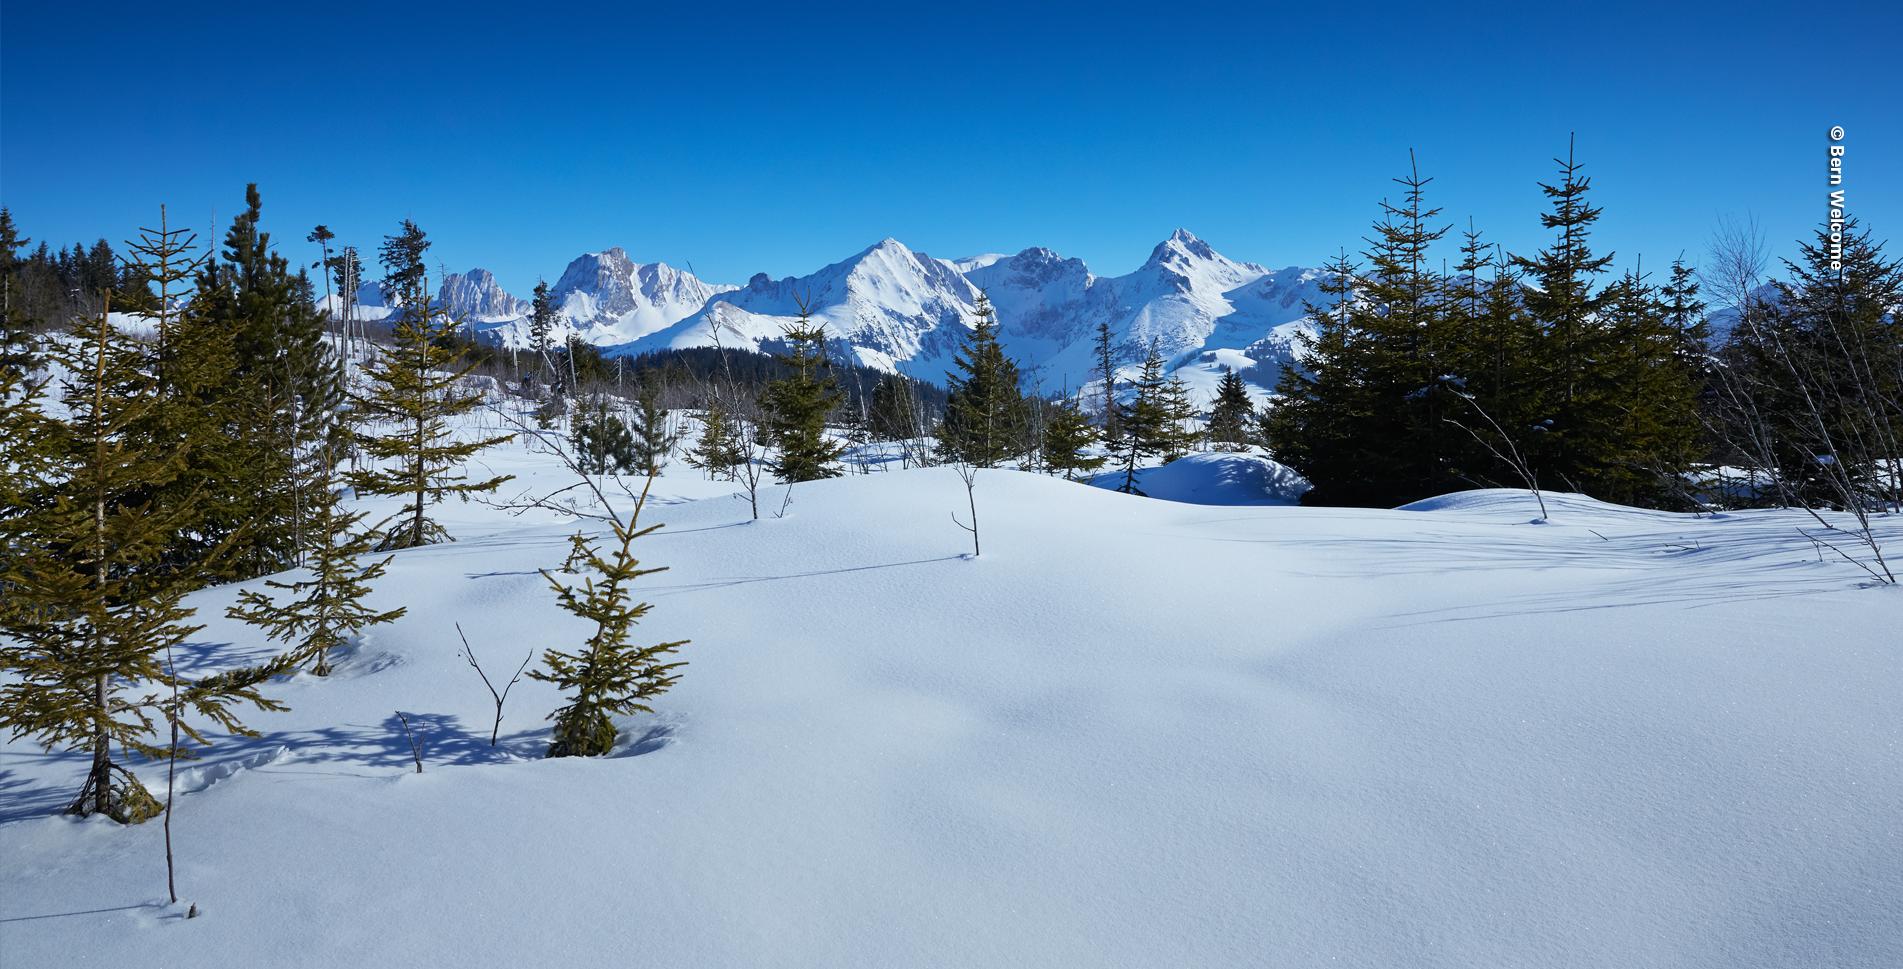 Schneeschuhtour im Naturpark Gantrisch, Gantrischgebiet, von Gurnigel Stierenhütte auf den Selibüel und wieder zurück nach Gantrisch